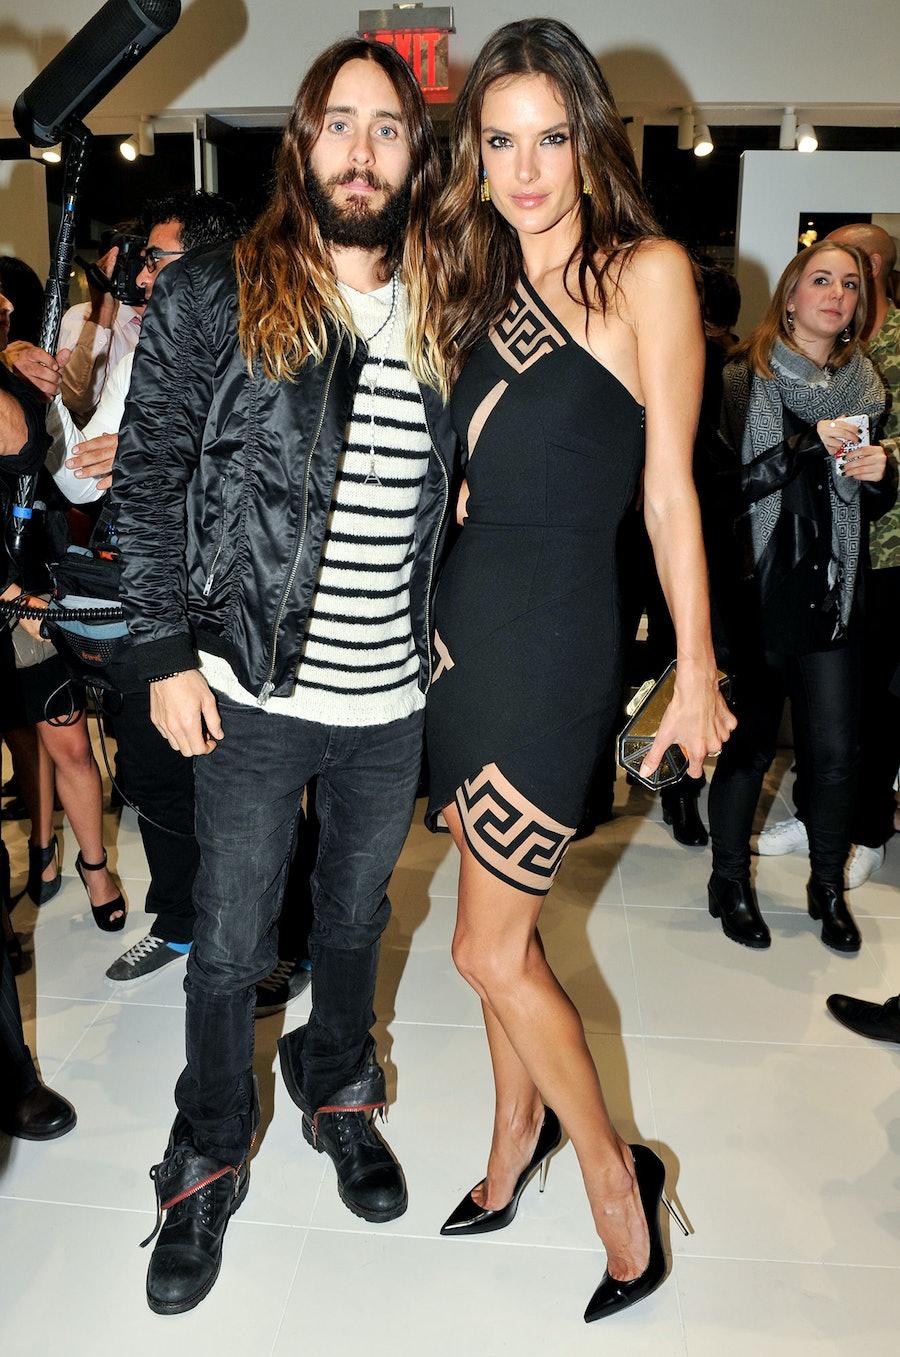 Jared Leto and Alessandra Ambrosio